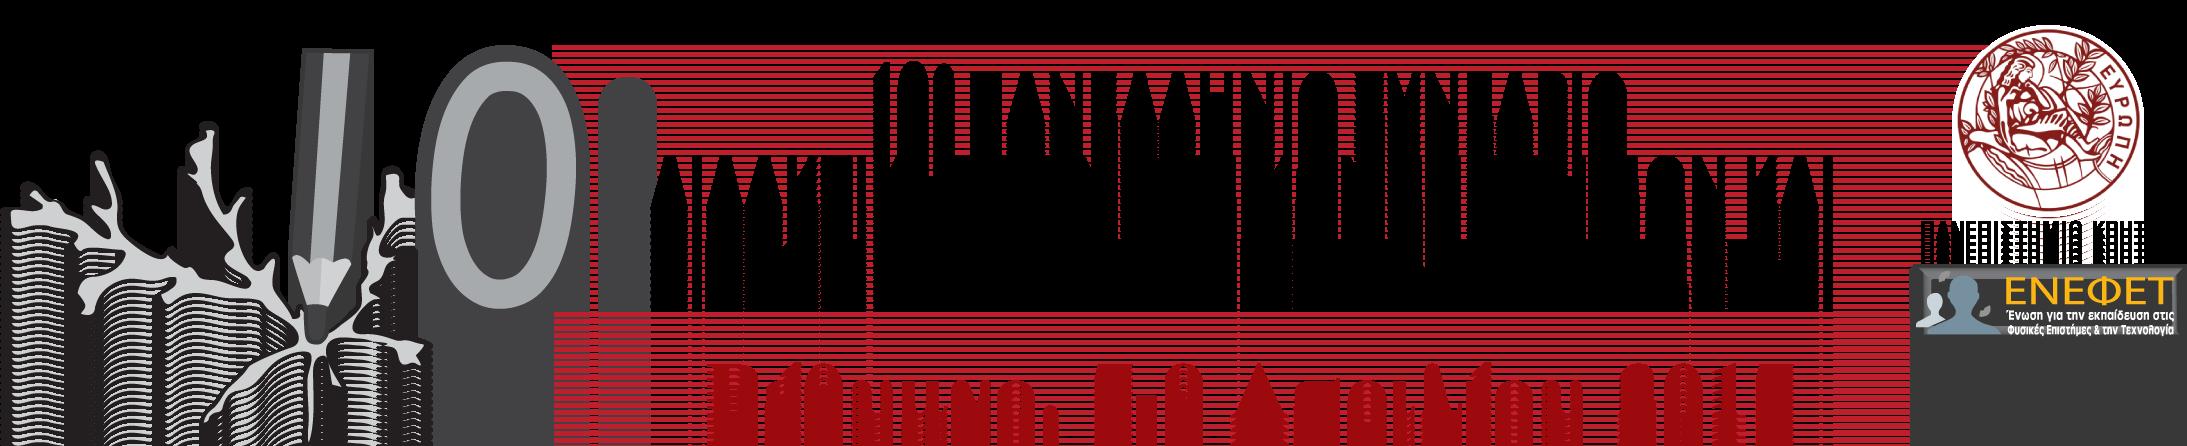 Συνέδριο ΕΝΕΦΕΤ